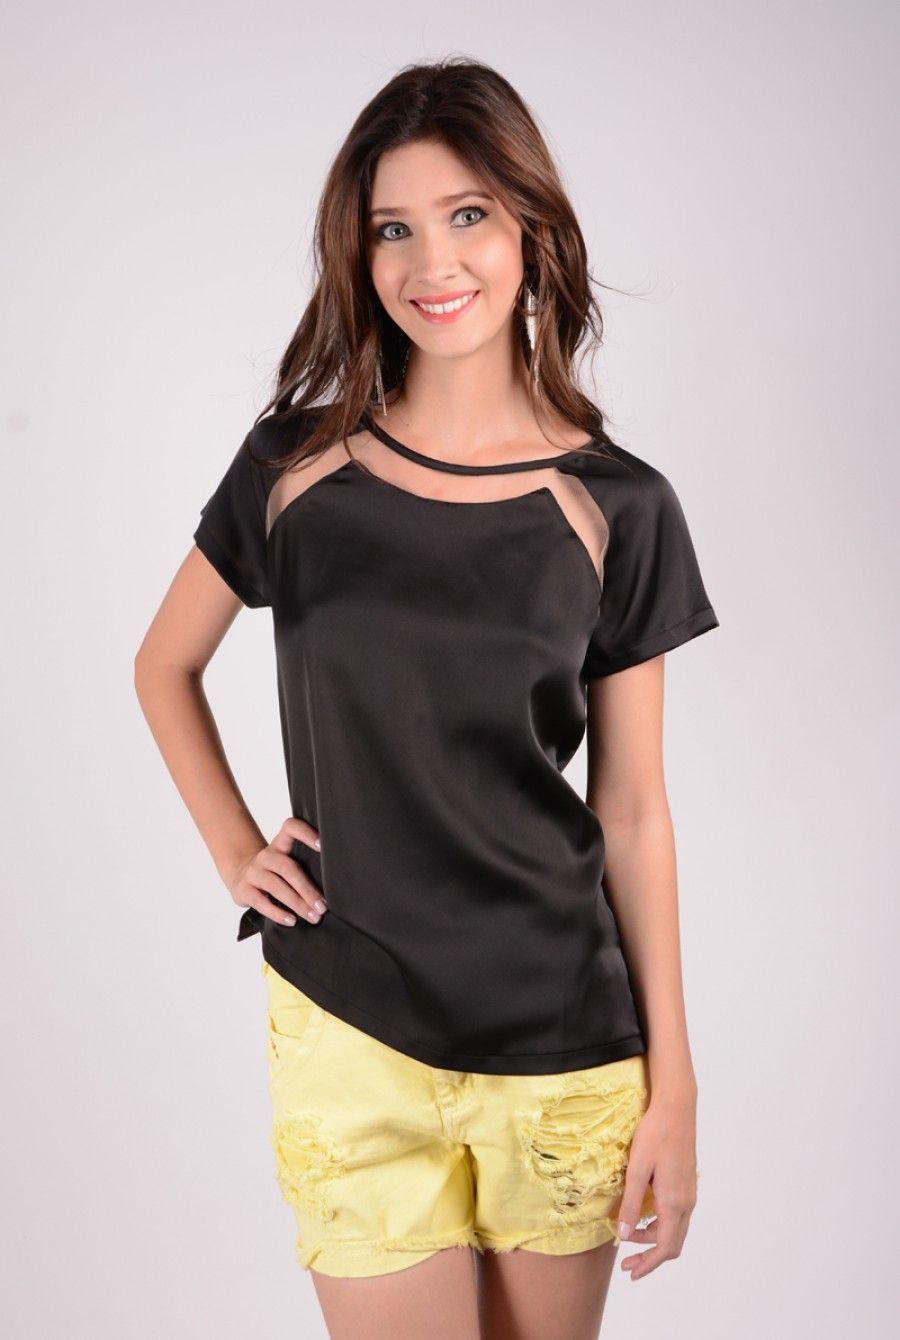 blusas femininas de tecido fino manga curta - Pesquisa Google